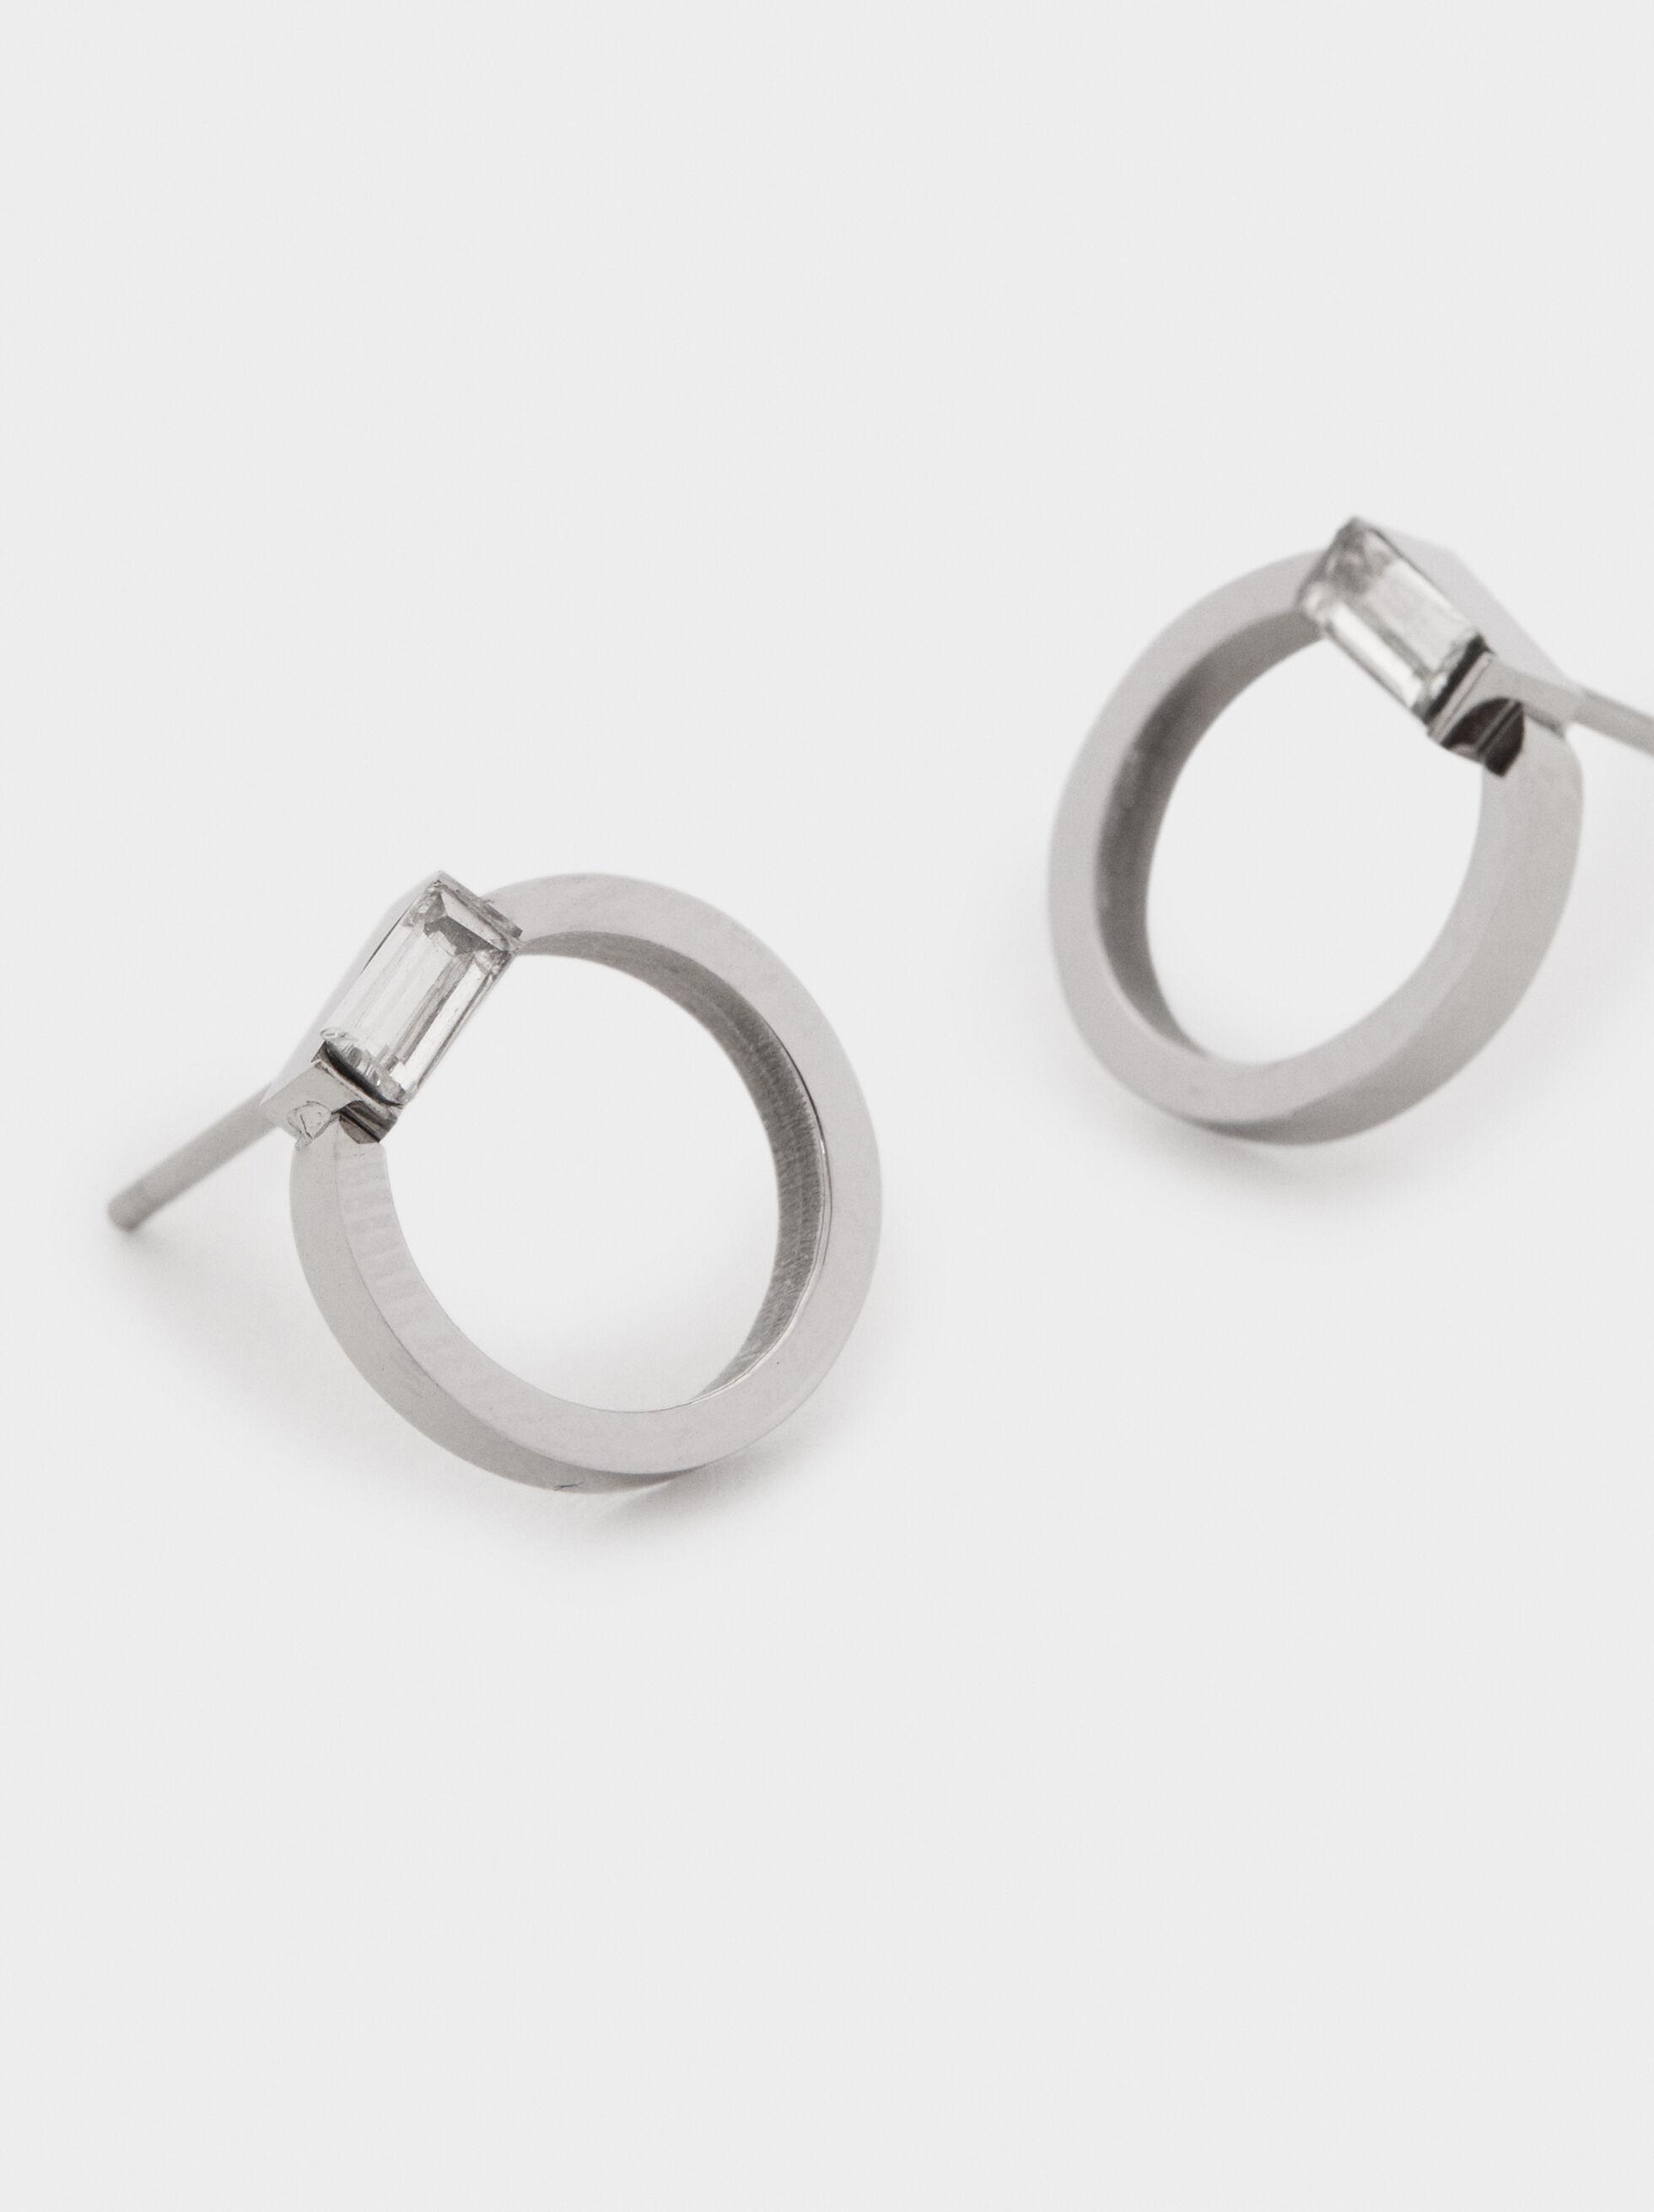 Small Stainless Steel Hoop Earrings, Silver, hi-res